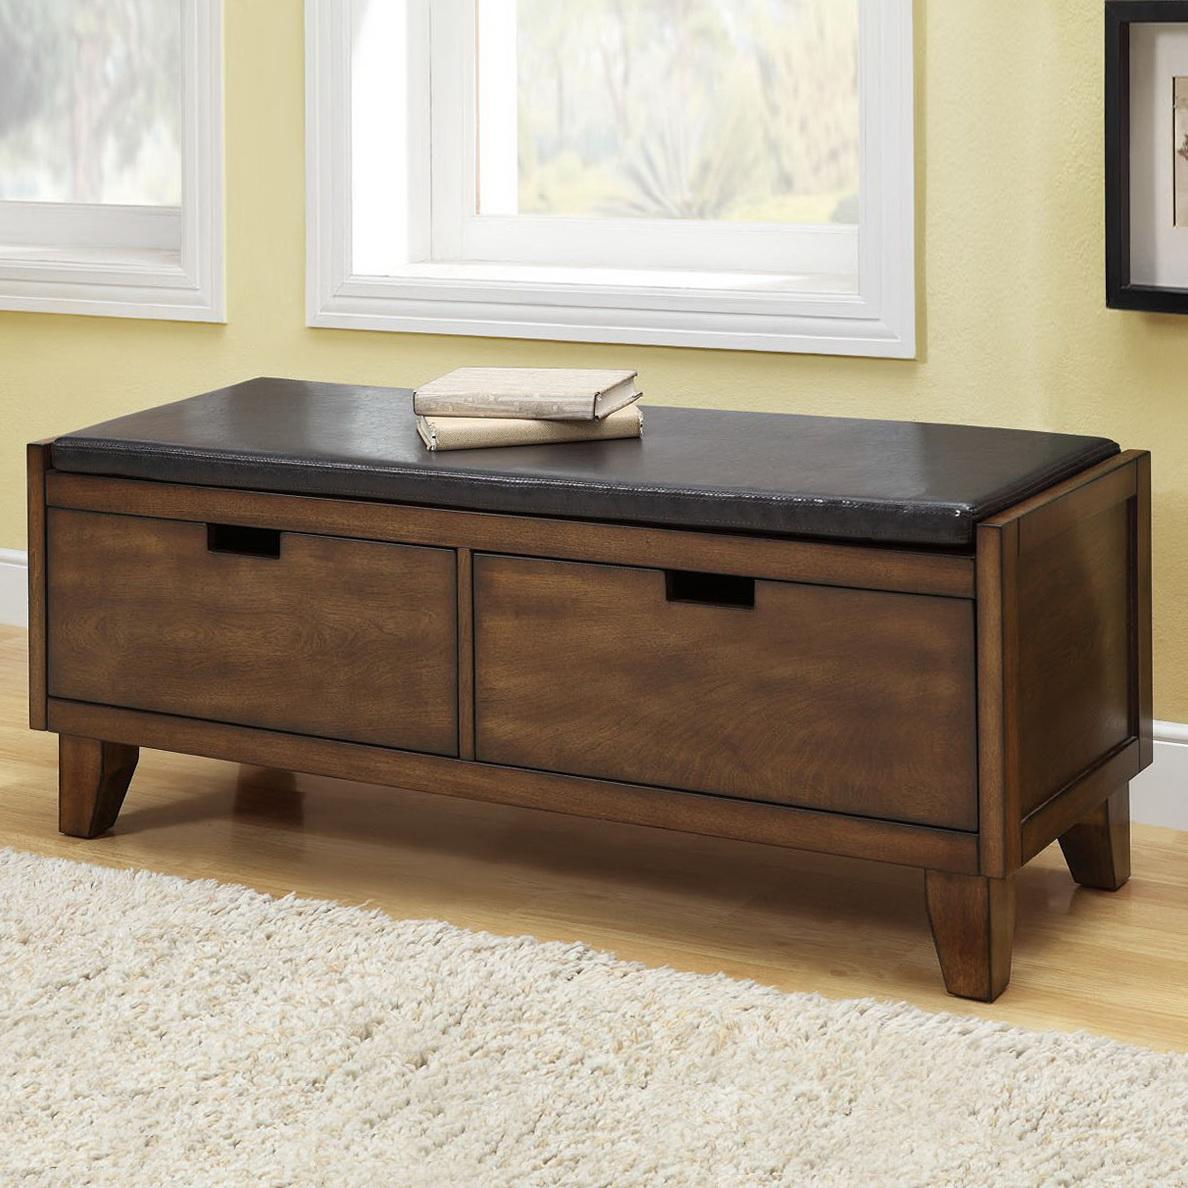 Bedroom Storage Bench Wood